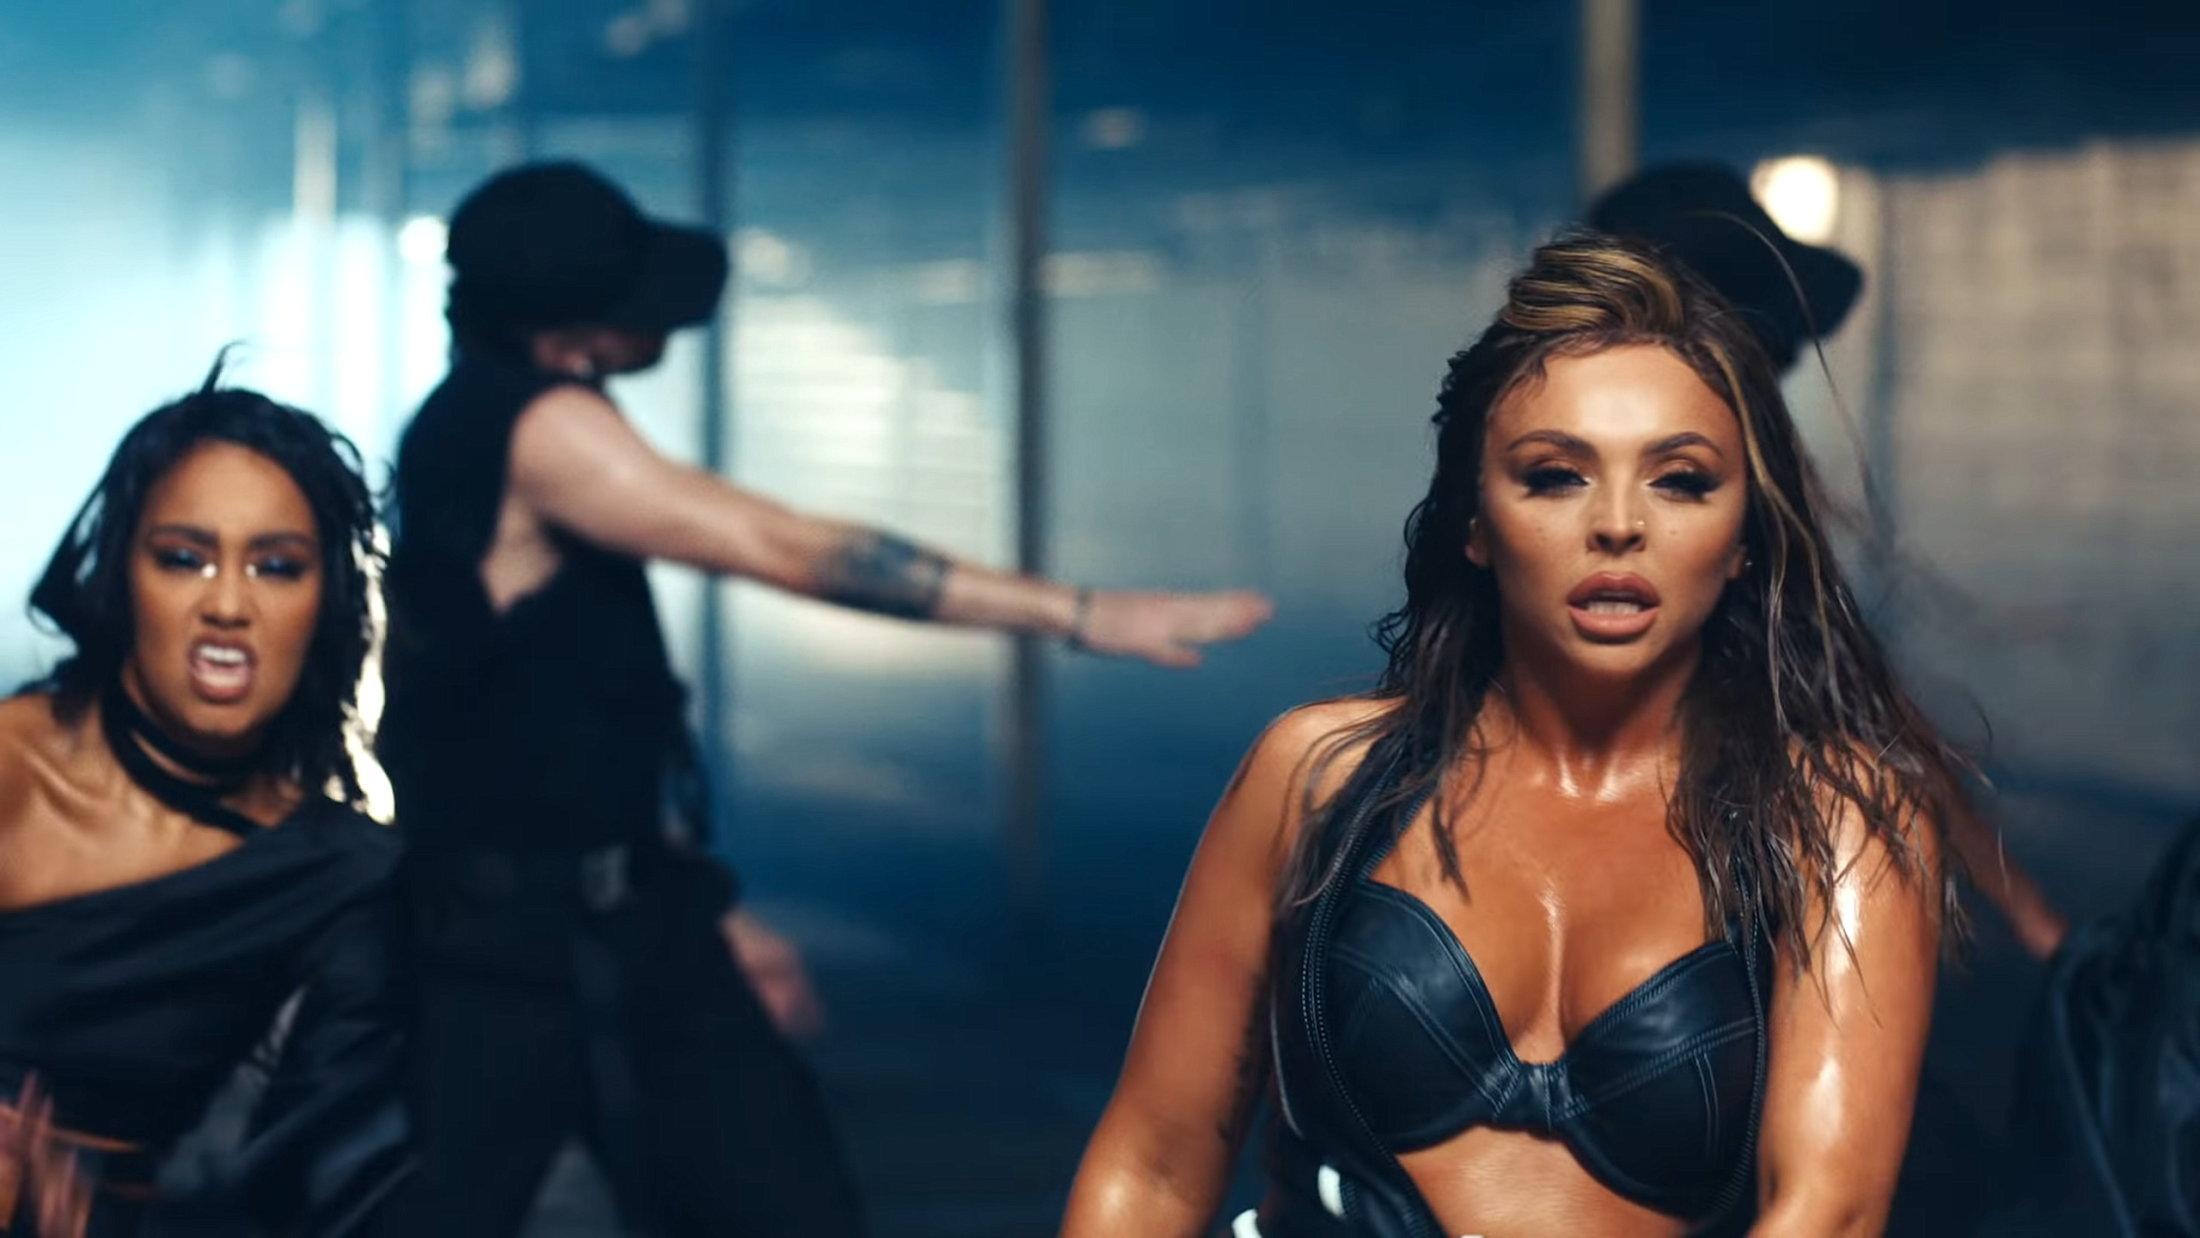 Little Mix - Sweet Melody (Official Video) 2-10 Screenshot